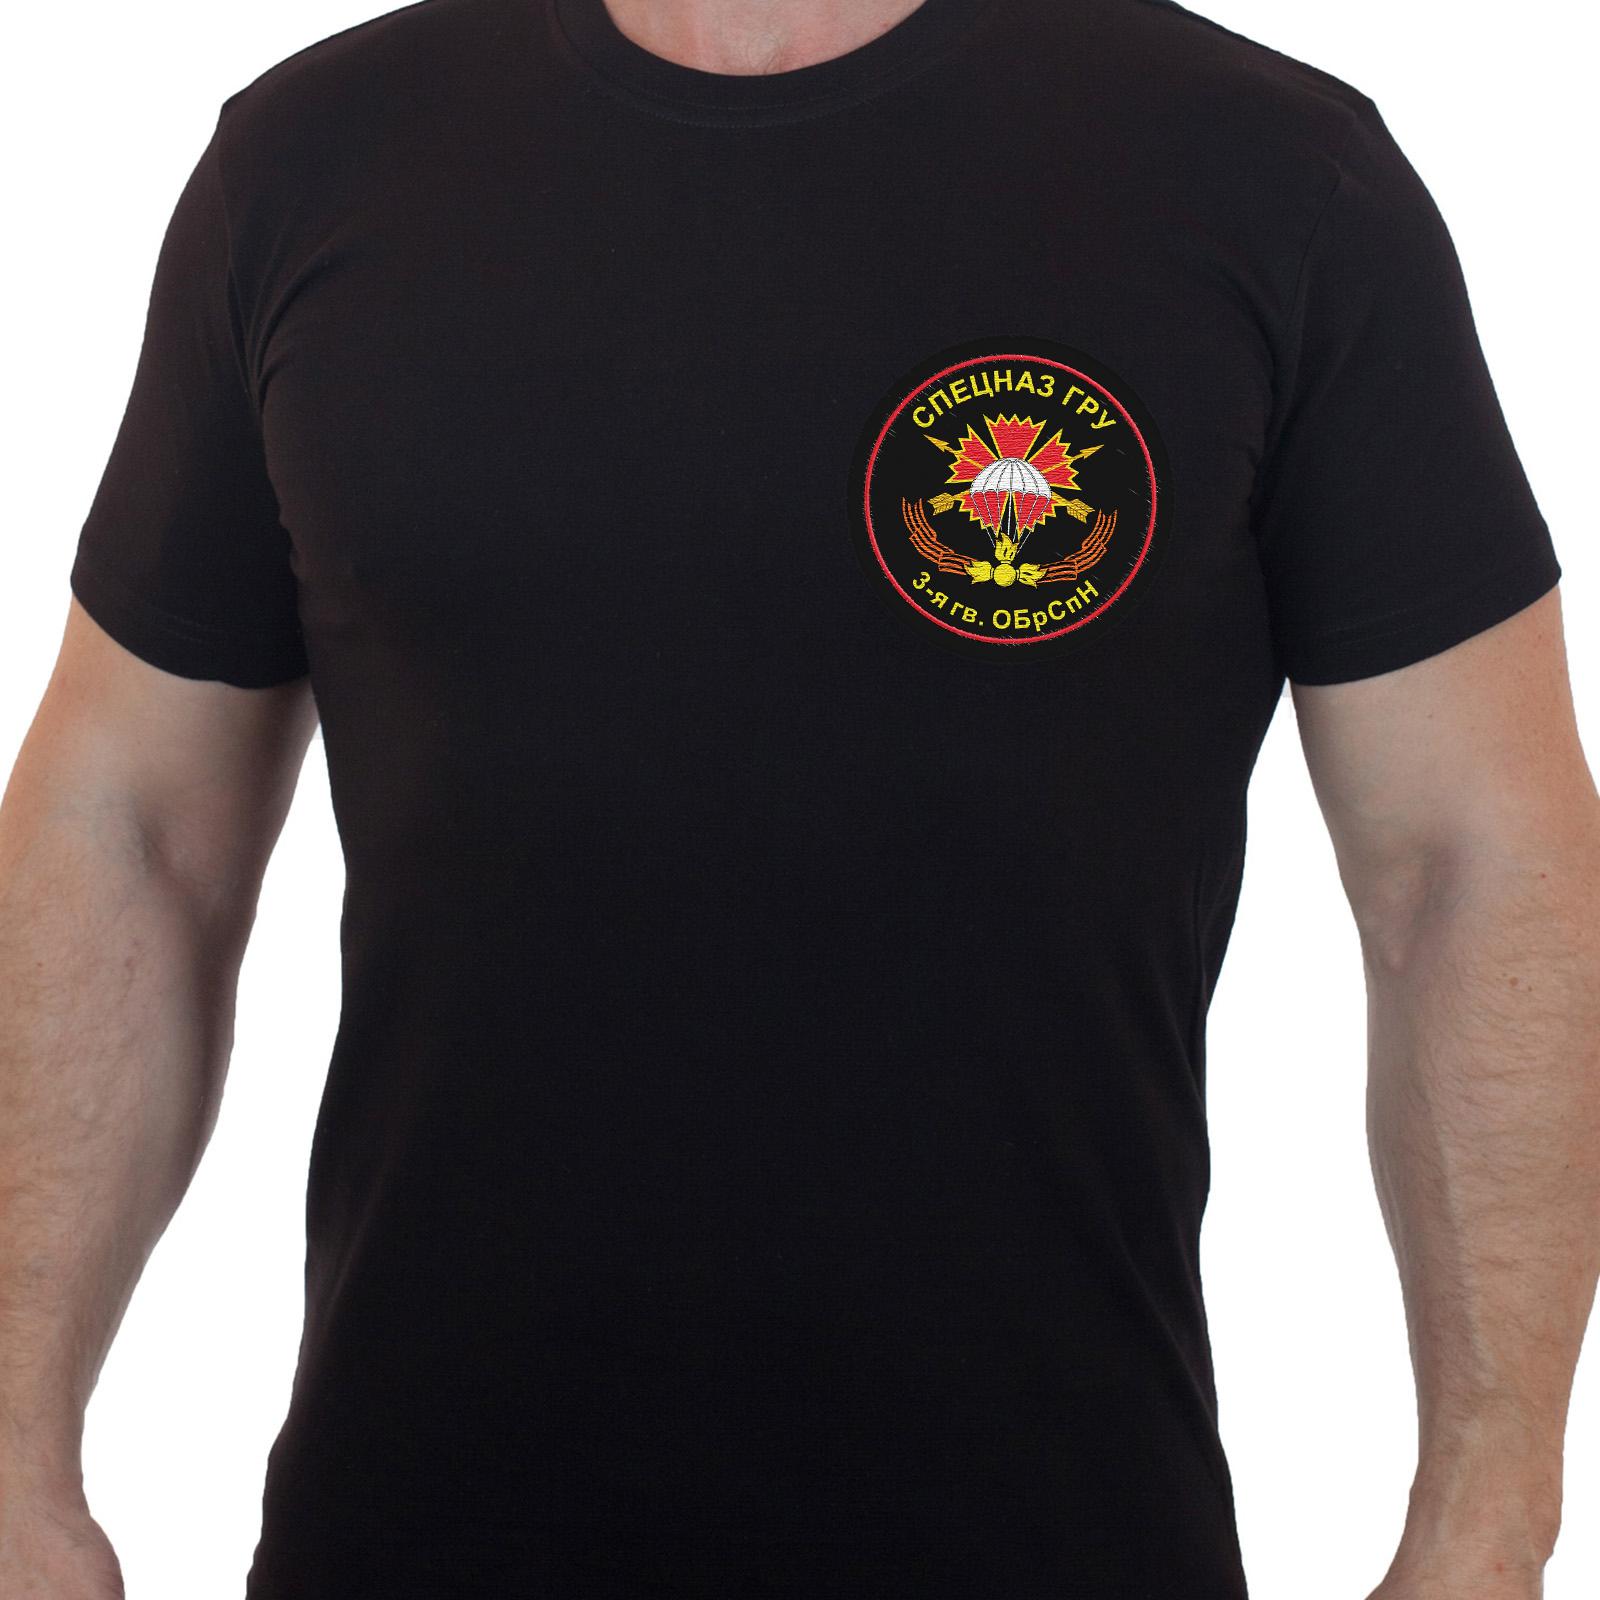 Хлопковая футболка с вышивкой Спецназ ГРУ